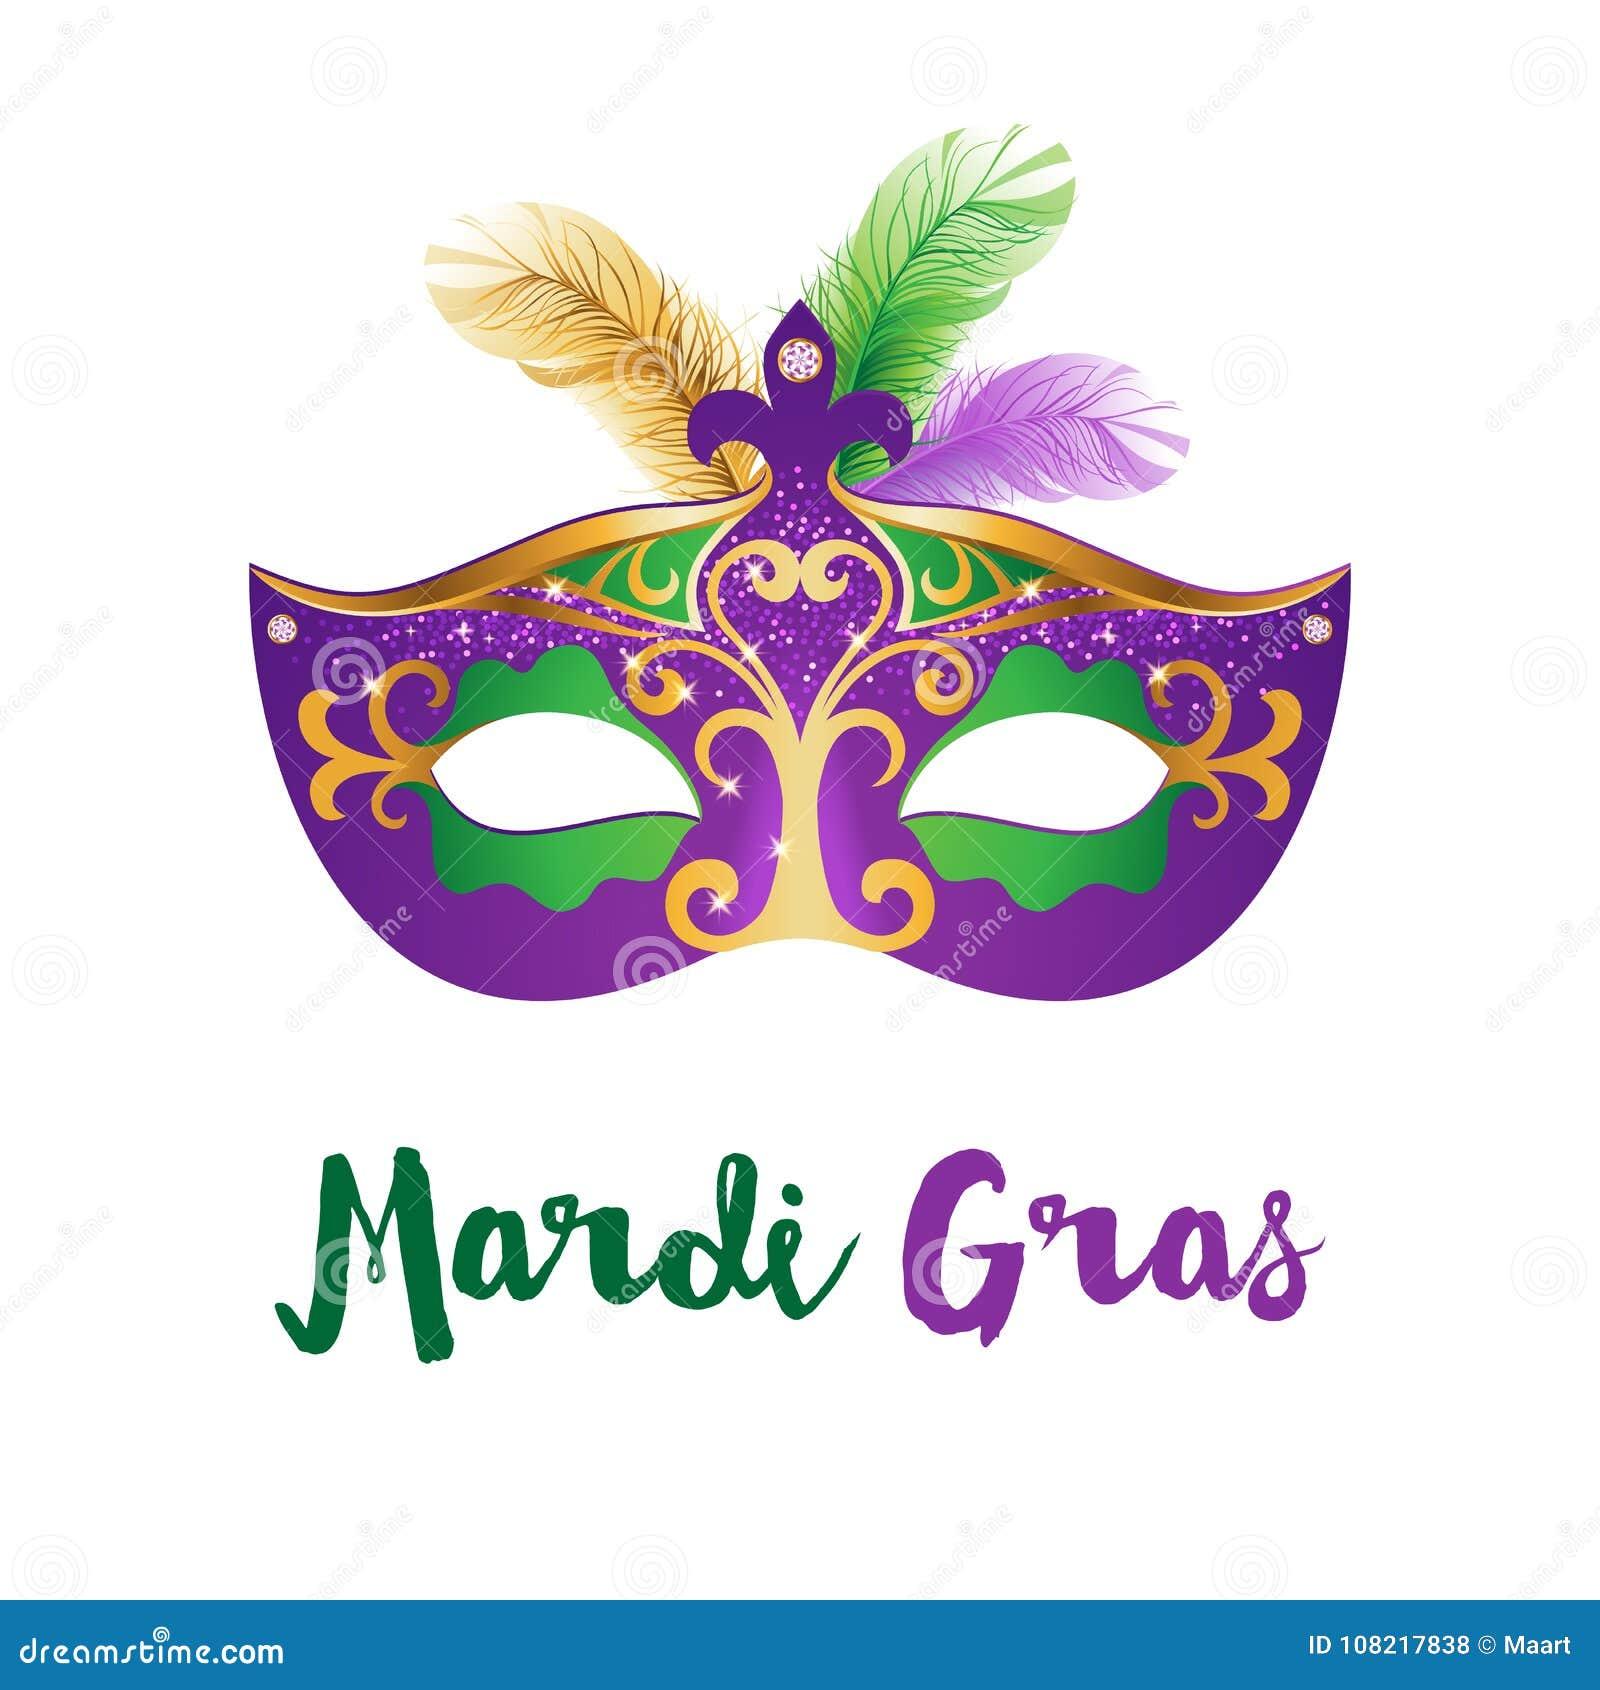 Tarjeta De Mardi Gras Con La Máscara Del Carnaval Ilustración del ...